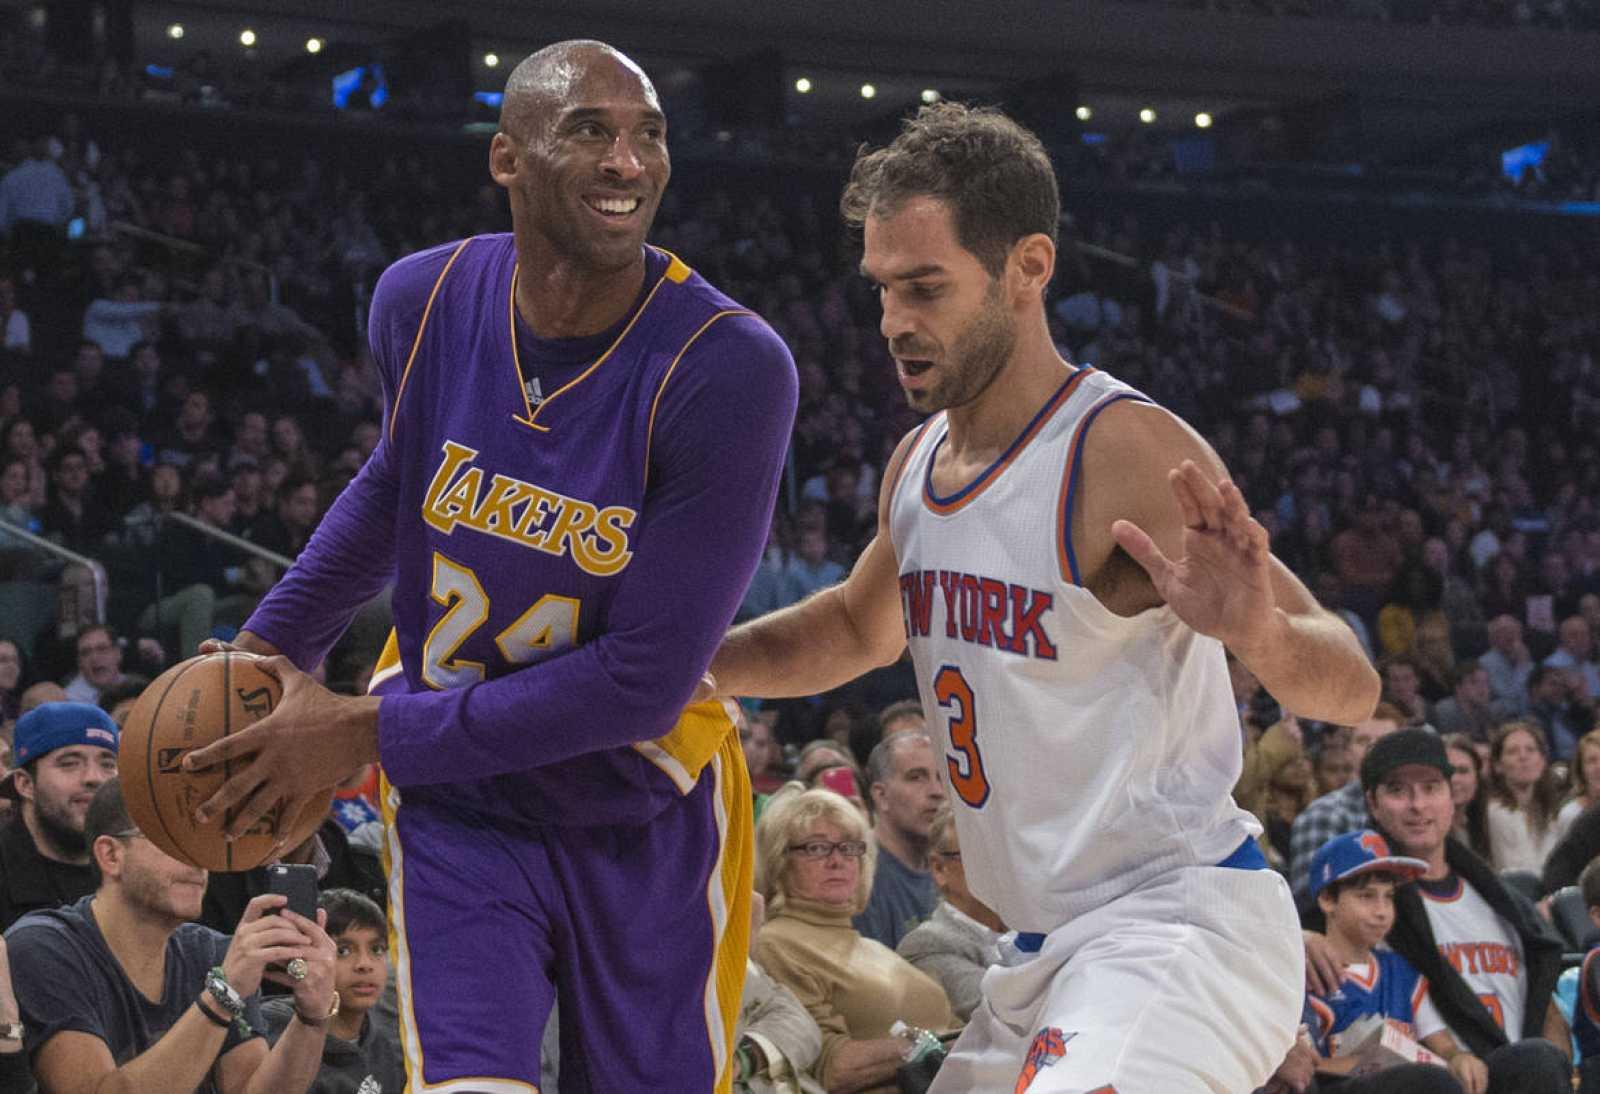 Imagen de José Calderón y Kobe Bryant durante el enfrentamiento entre Los Ángeles Lakers y los New York Knicks en el Madison Square Garden.